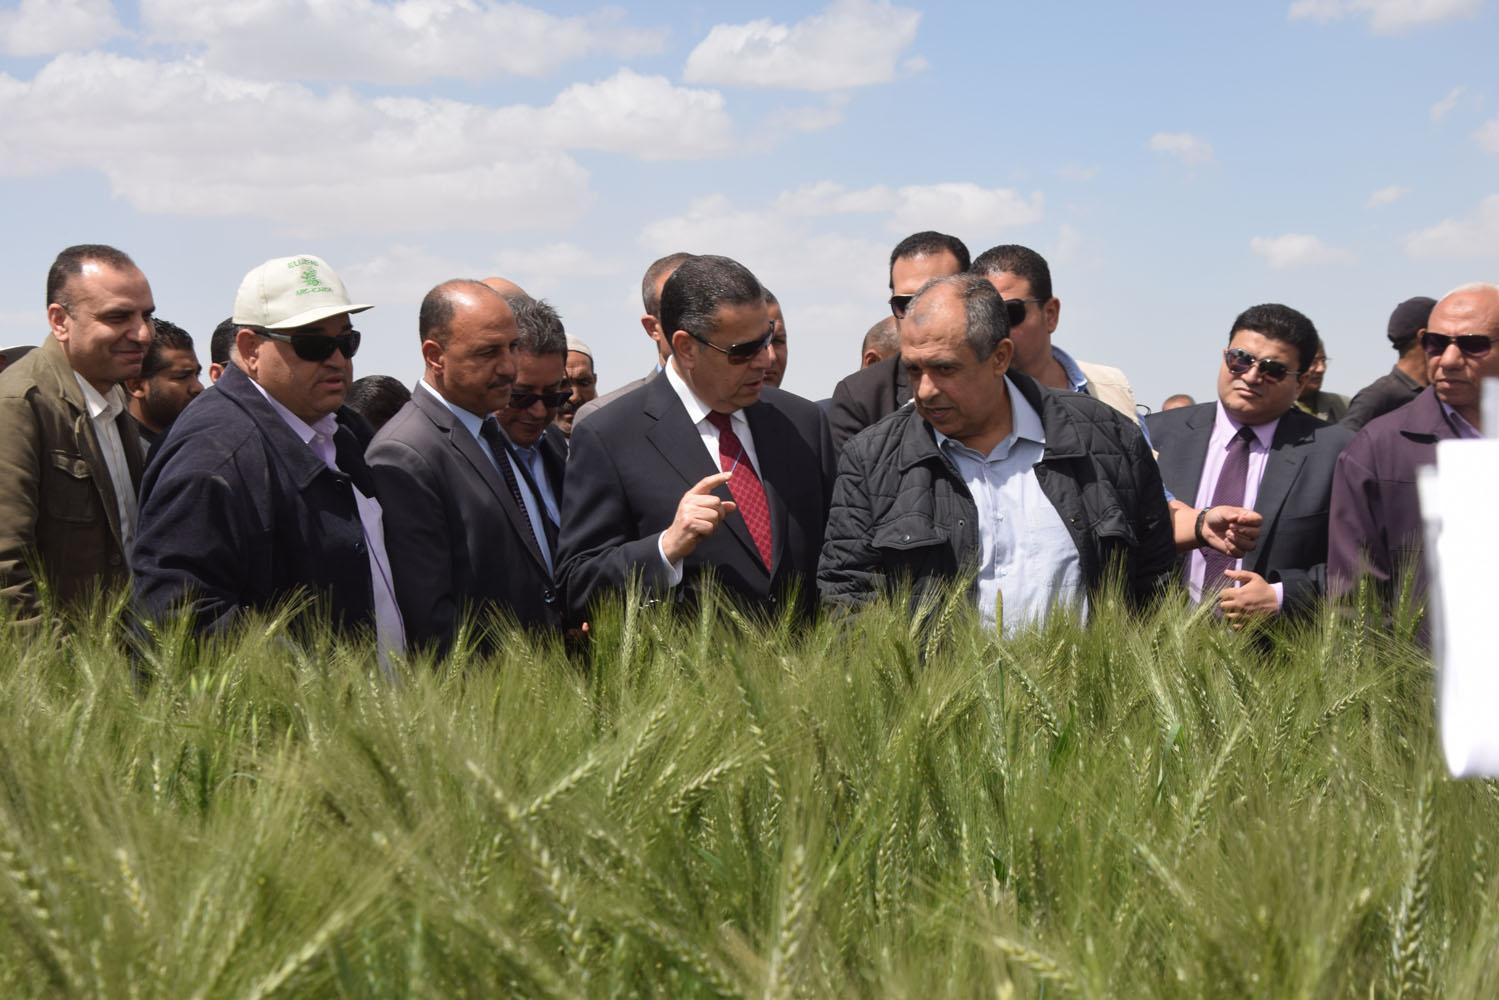 جولة وزير الزراعة ومحافظ بنى سويف بمحطة البحوث بسدس (3)